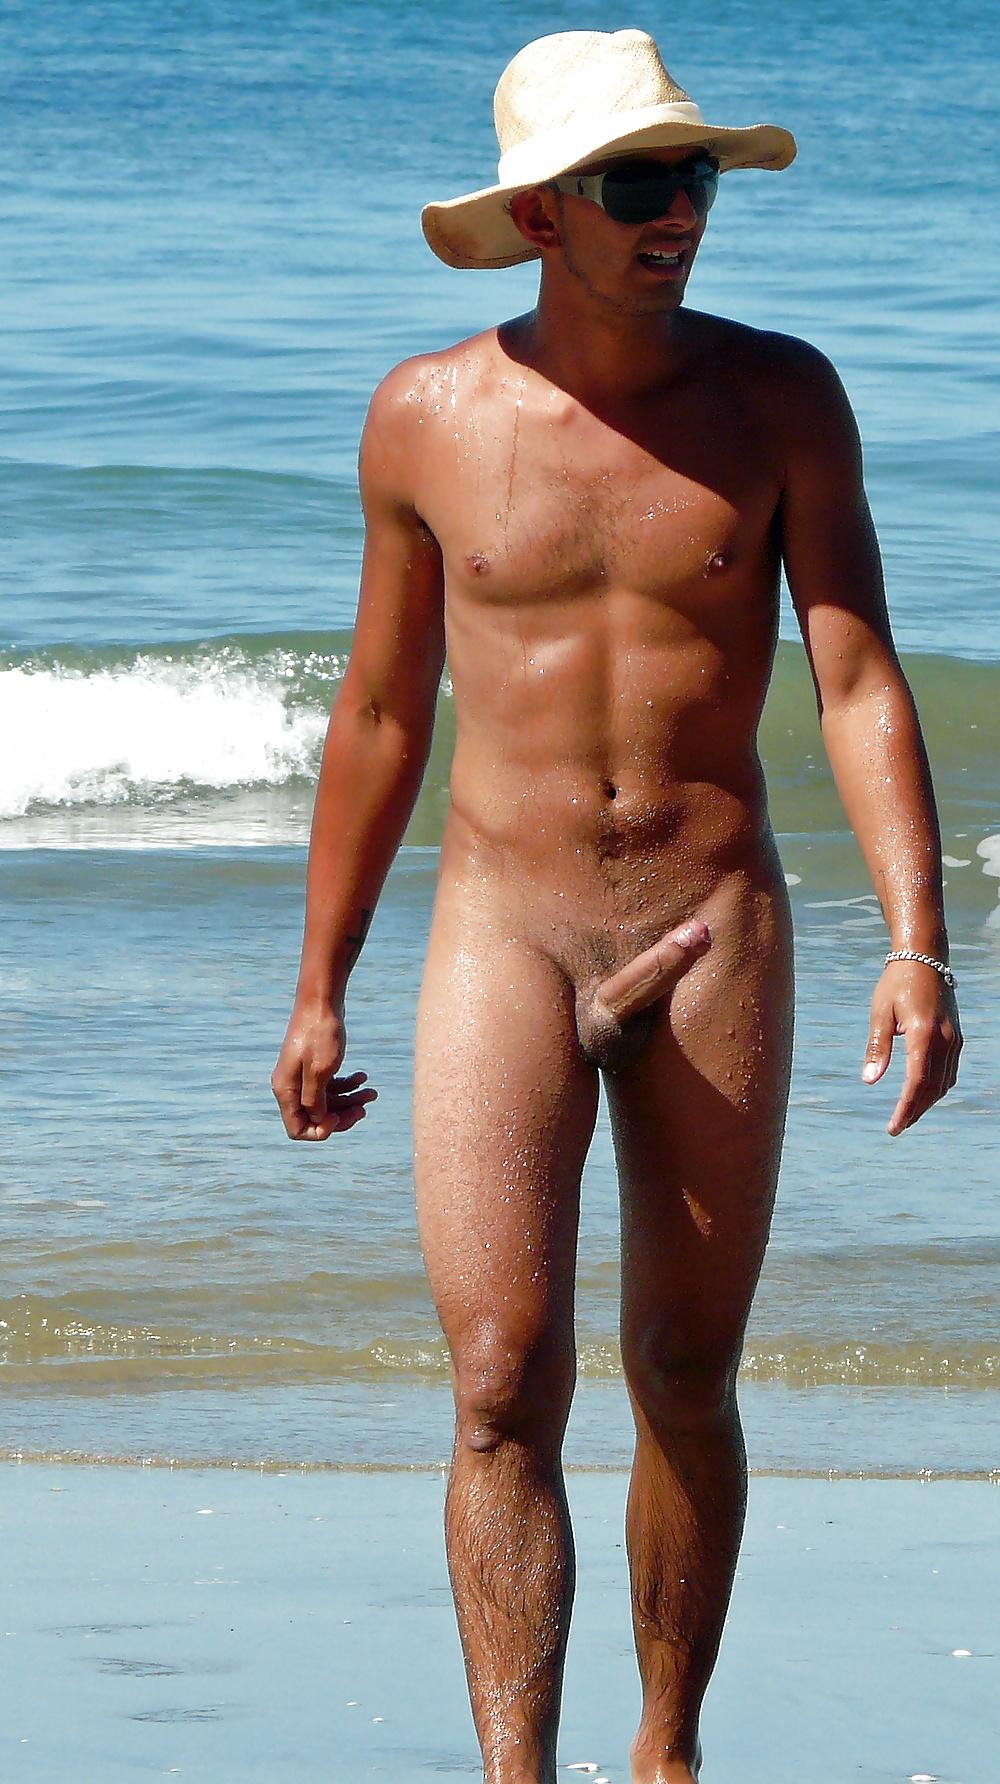 Фото стоячего члена на пляже — pic 1